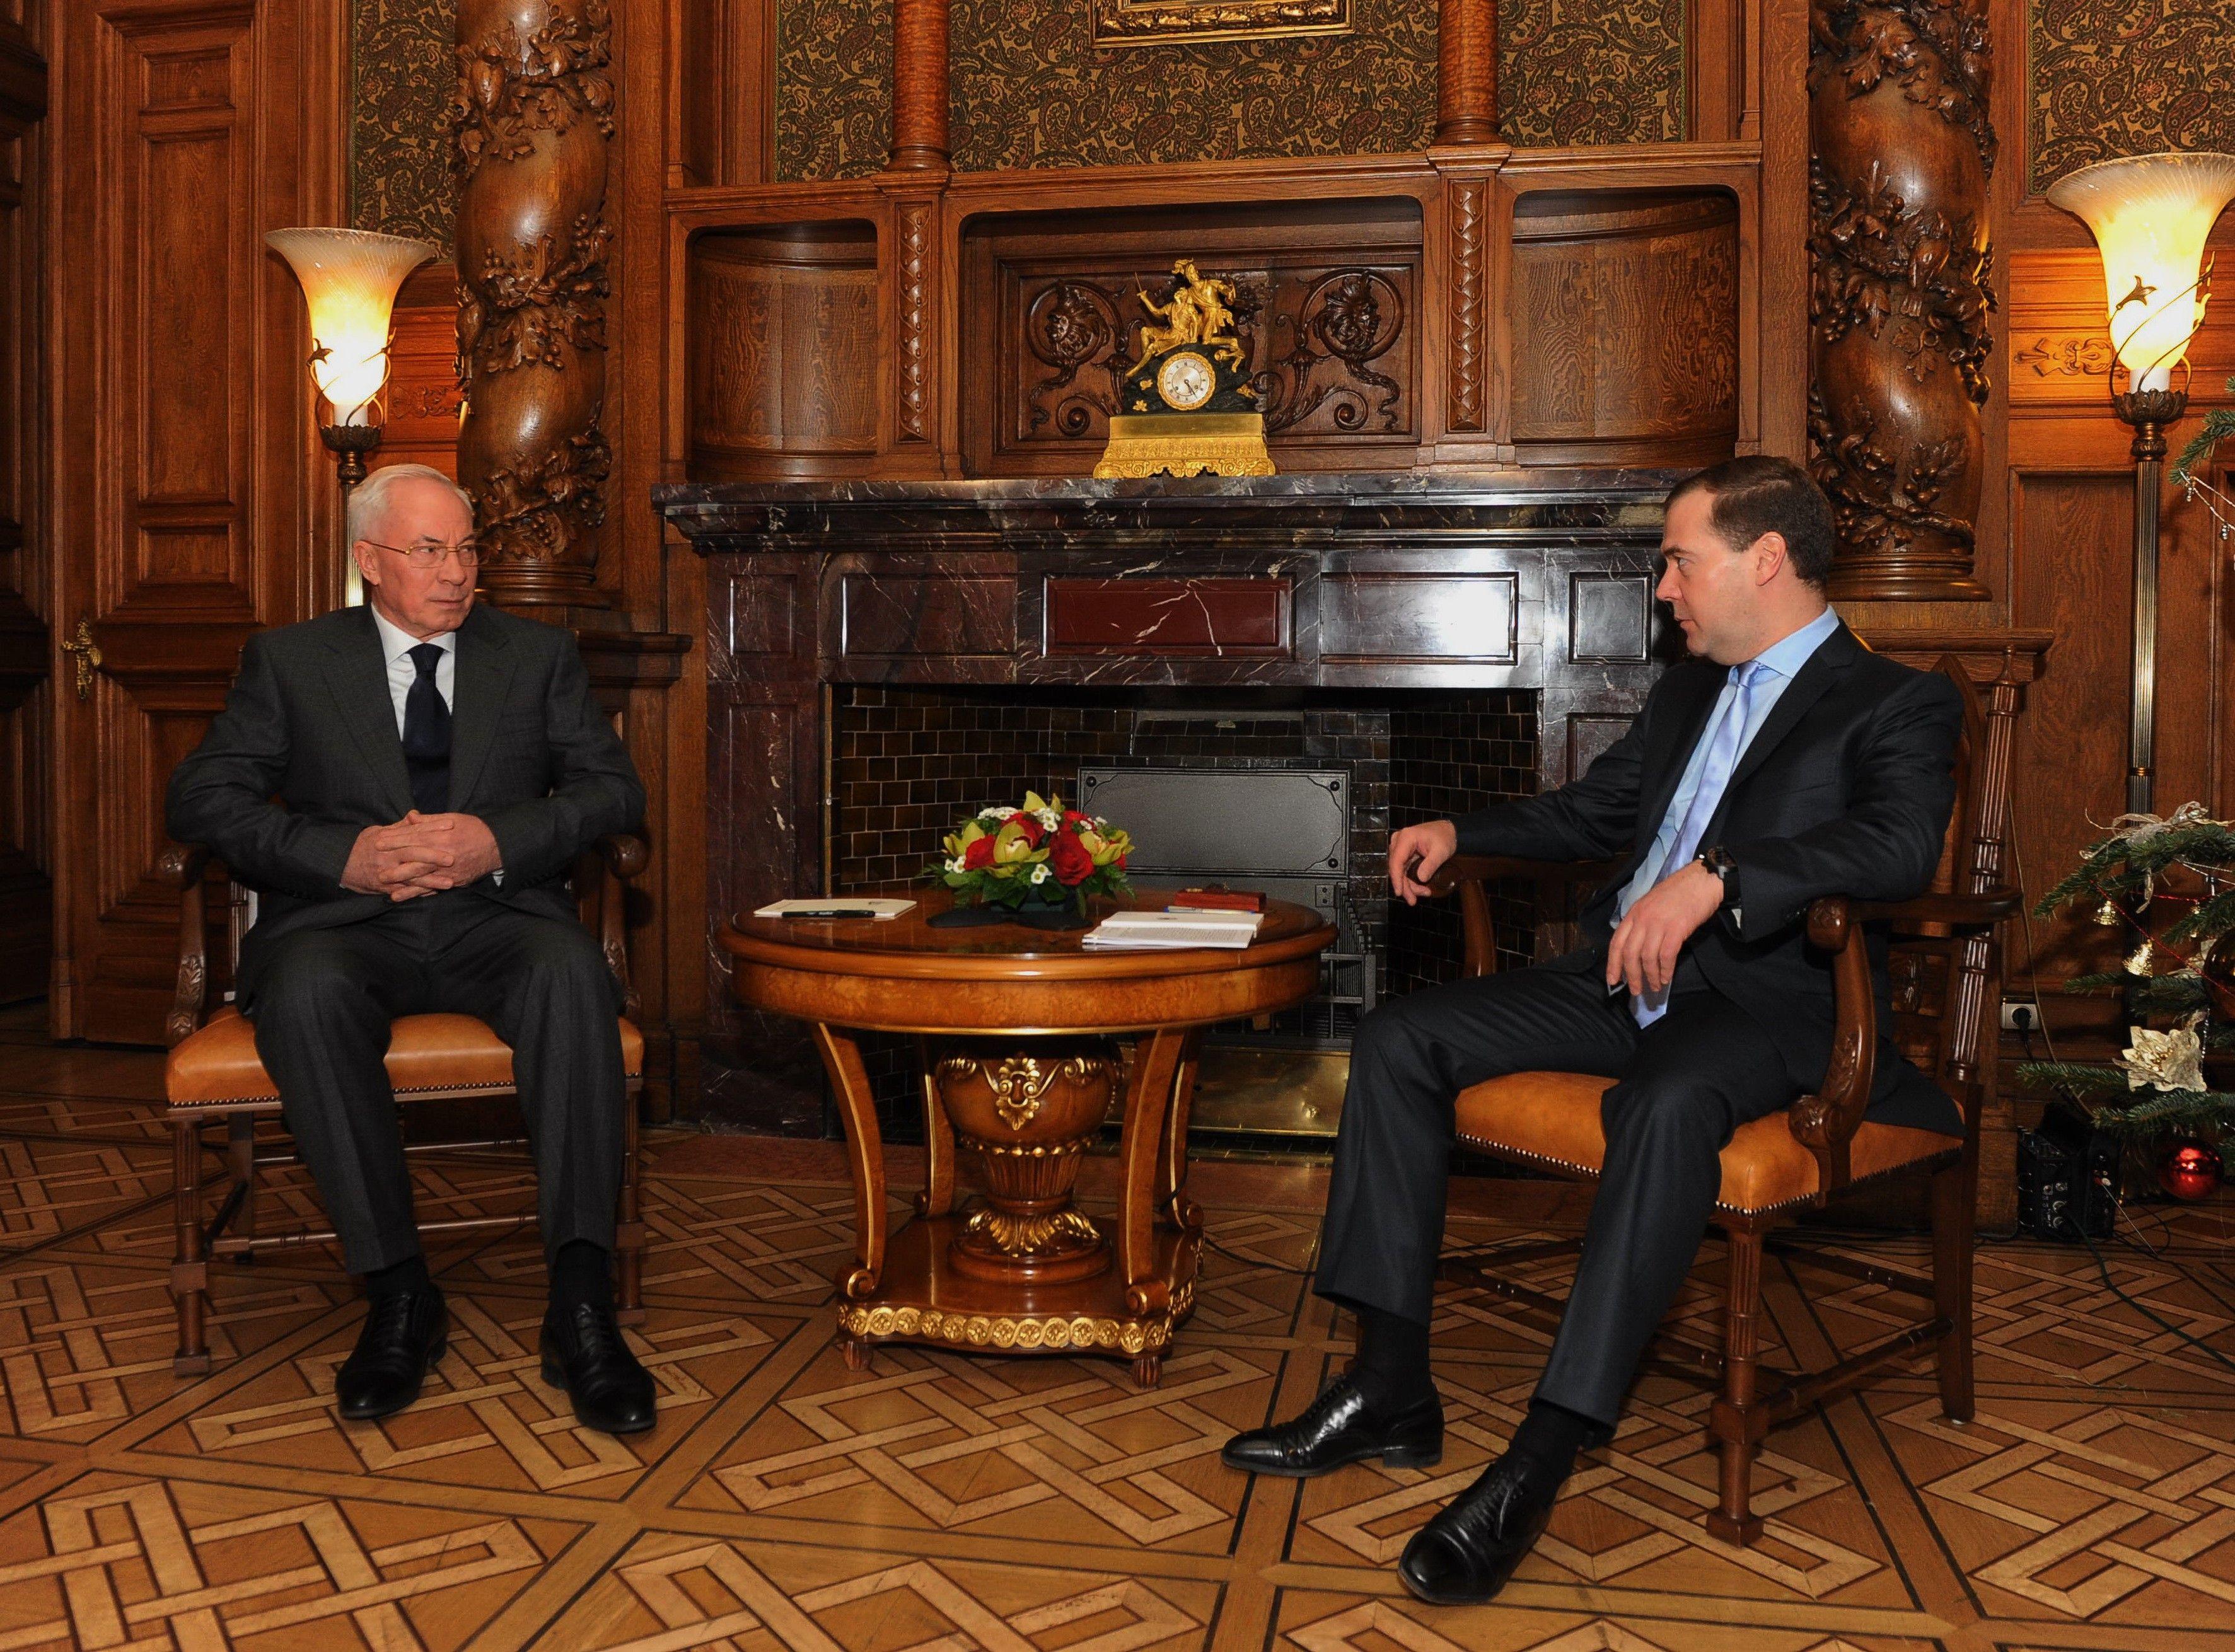 Встреча Азарова и Медведева